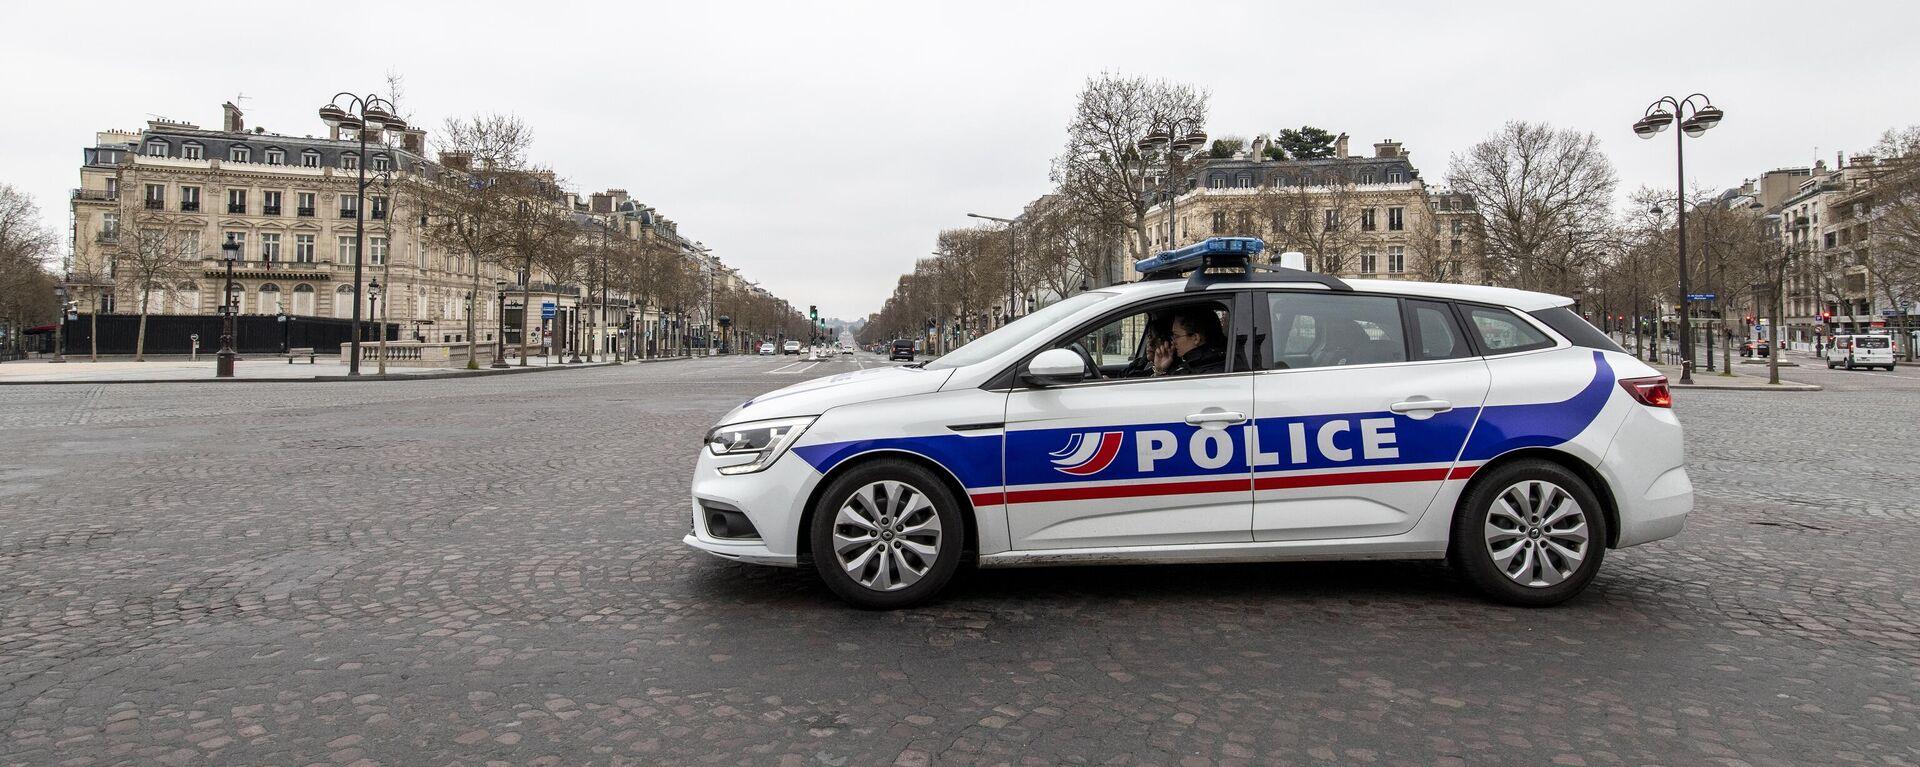 Polizei in Frankreich (Archiv) - SNA, 1920, 20.12.2020